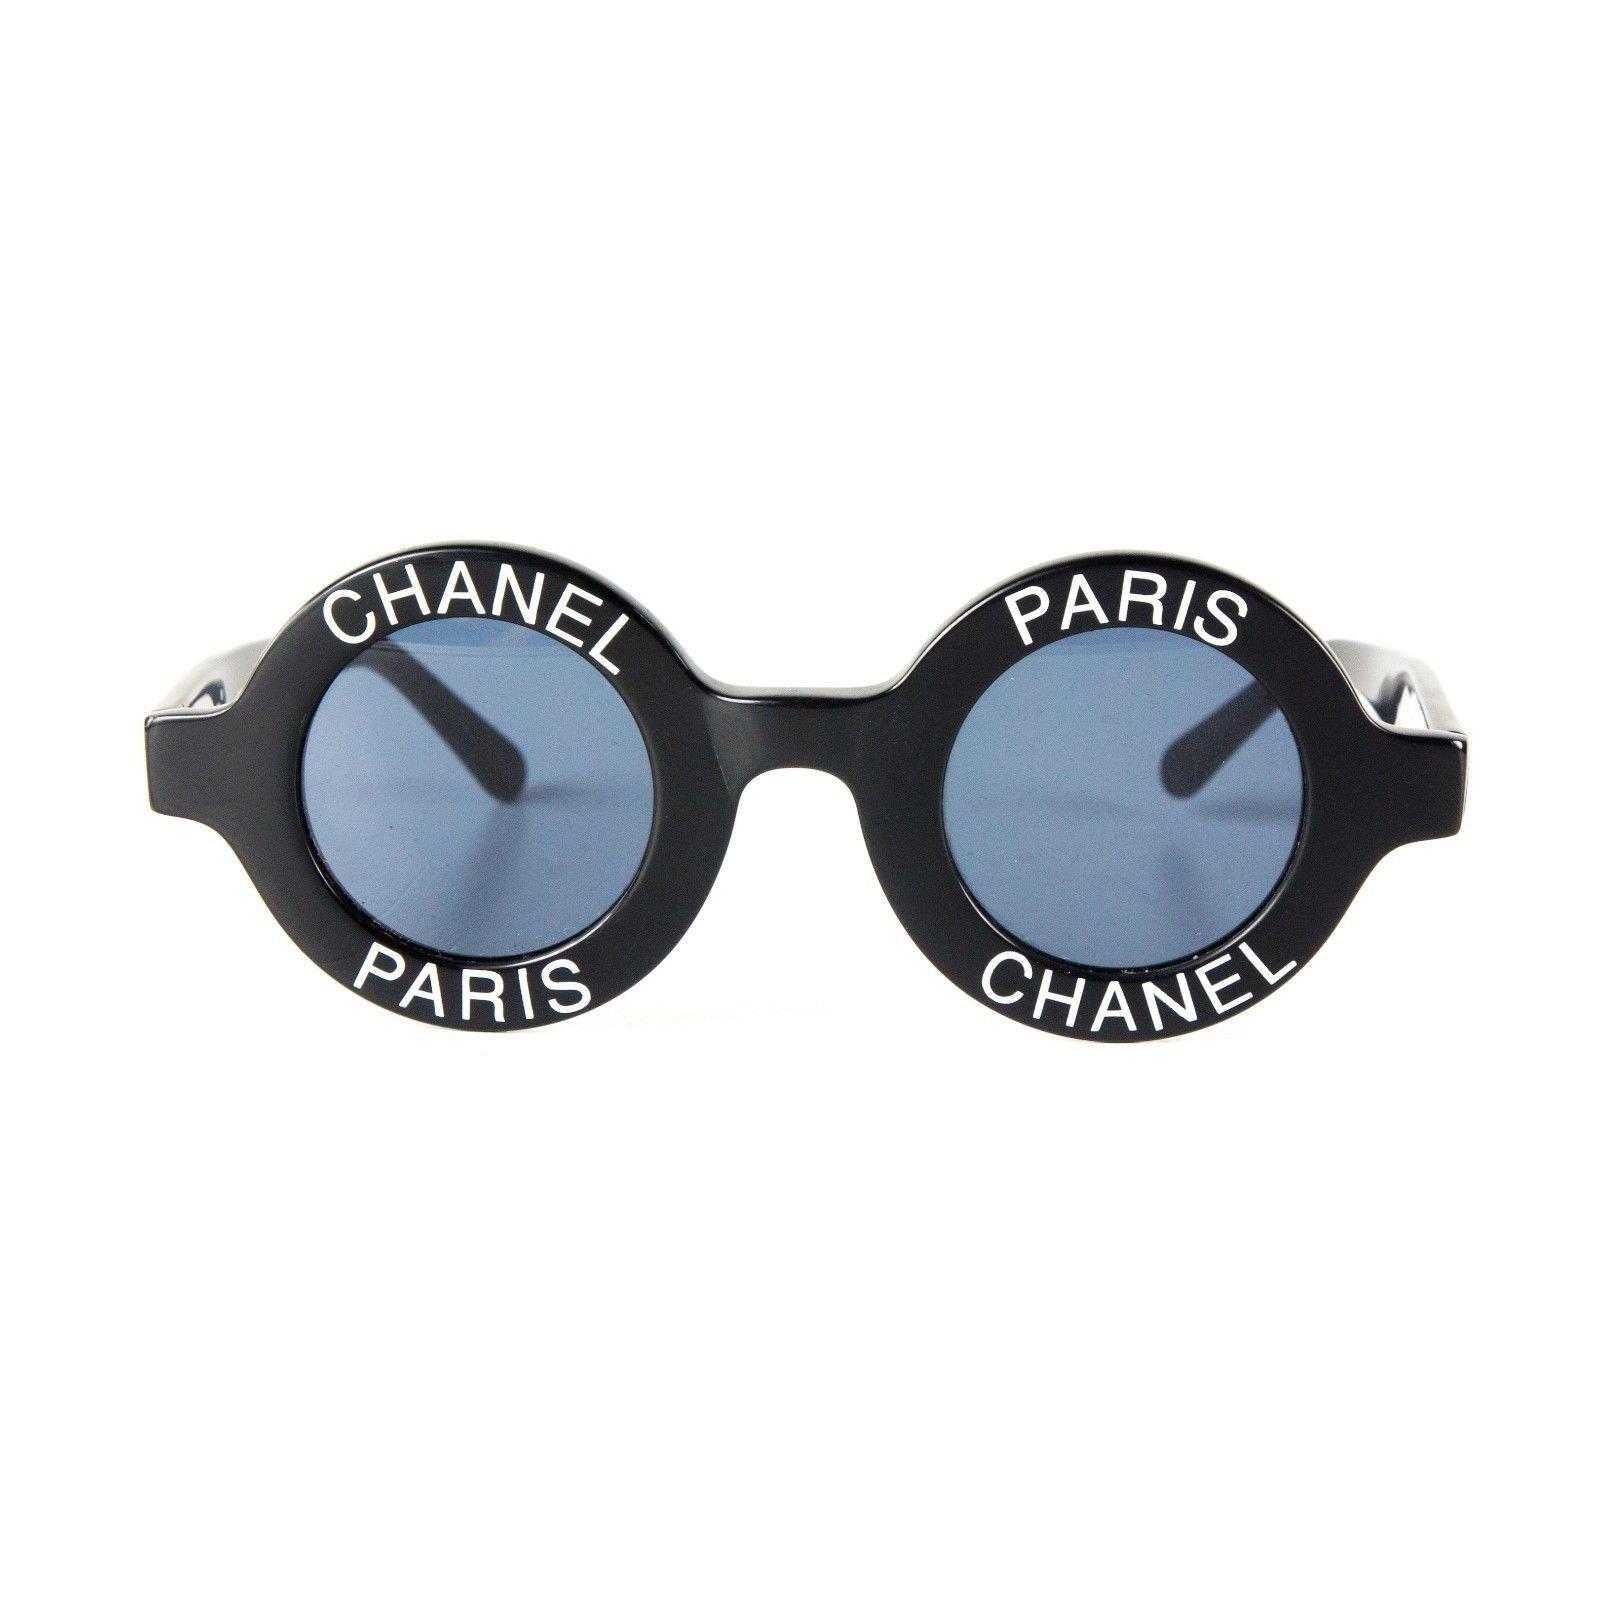 Lunettes Chanel Chanel Lunettes de soleil rondes -Vintage Logo Autre Autre  ref.37099 f6ec108fb735